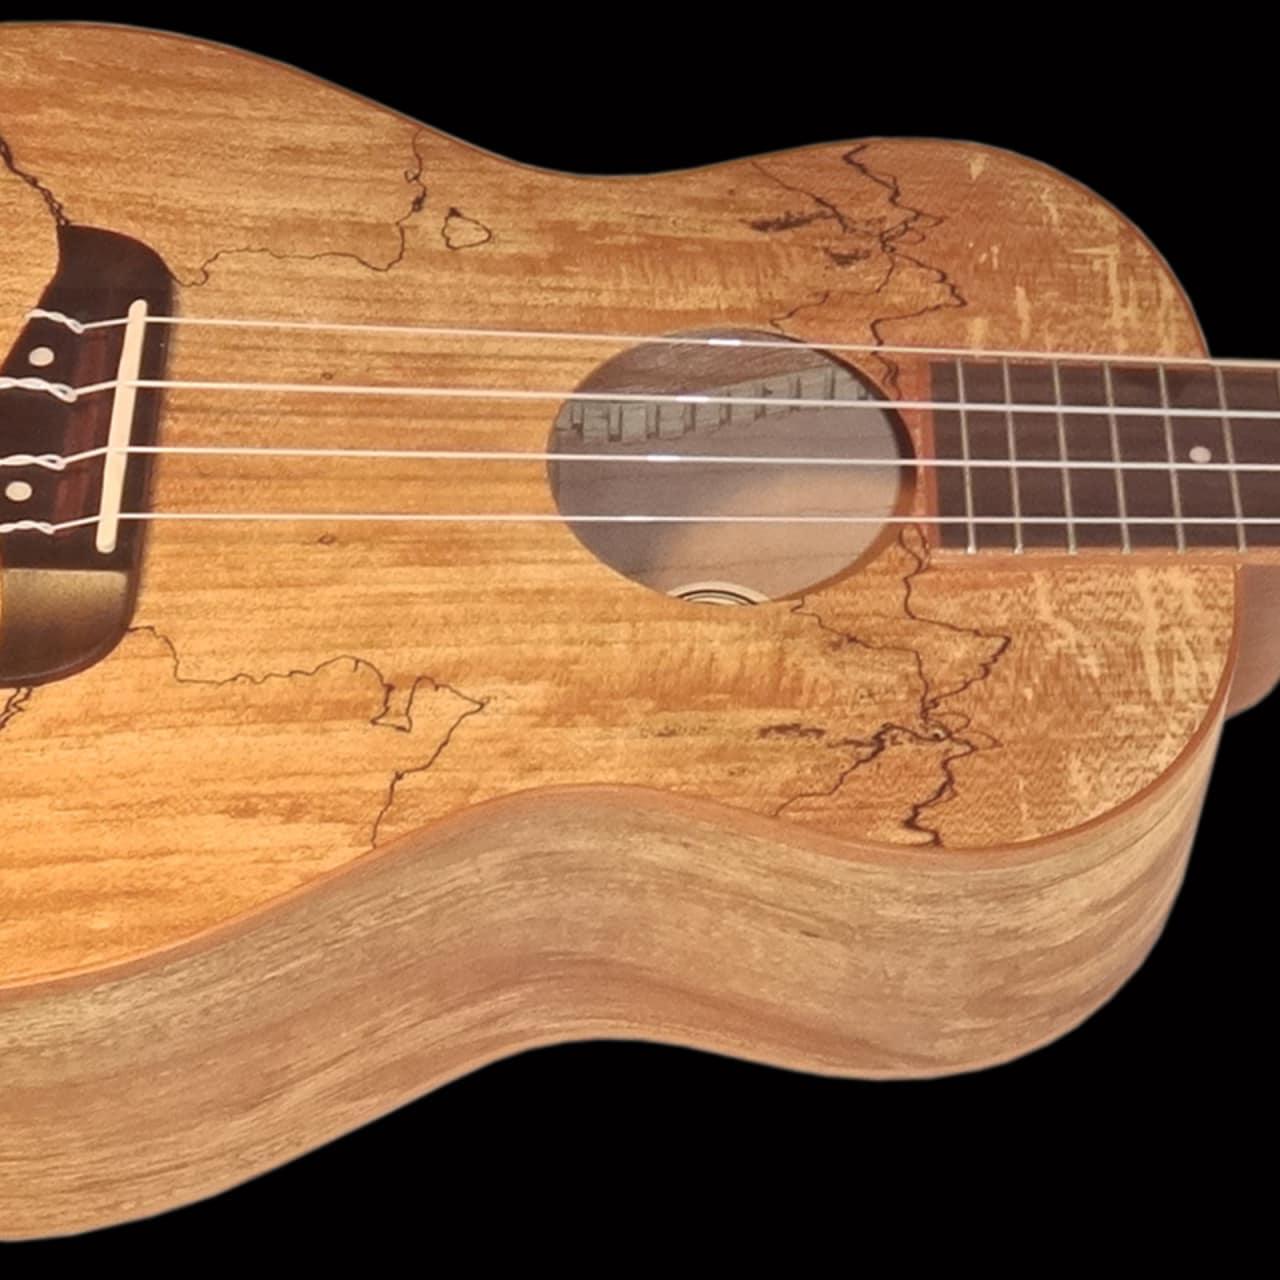 381490542196 in addition Oscar Schmidt Ou53s Baritone Ukulele likewise 221945561534 additionally Oscar Schmidt Debuts Uncle Willie Ks New Signature Ukulele additionally 401107141246. on oscar schmidt tenor ukulele